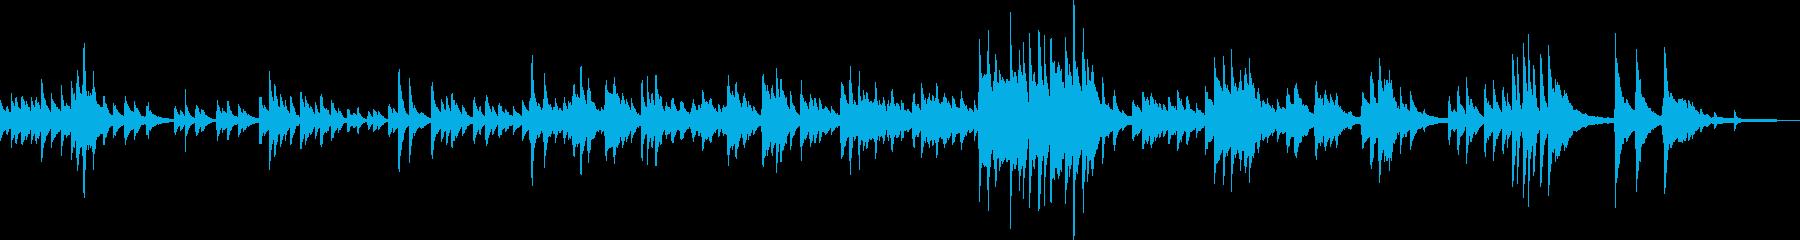 しっとり優しいピアノ曲(落ち着く・感動)の再生済みの波形